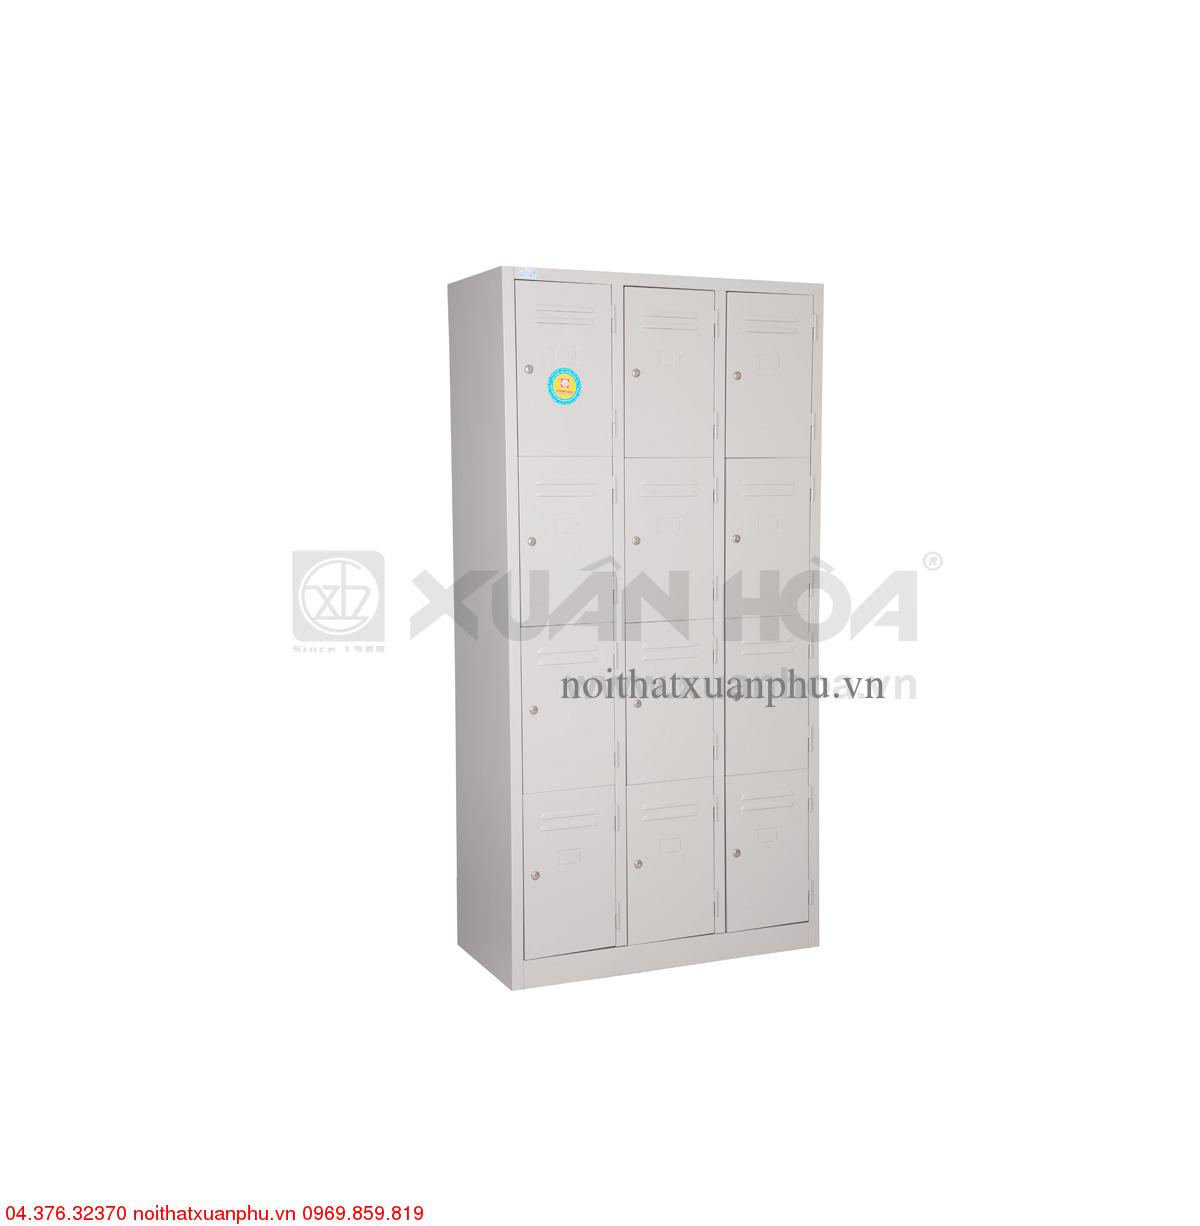 Hình ảnh sản phẩm Tủ sắt văn phòng Xuân Hòa LK-12N-03 91,5 x 45 x 183 cm